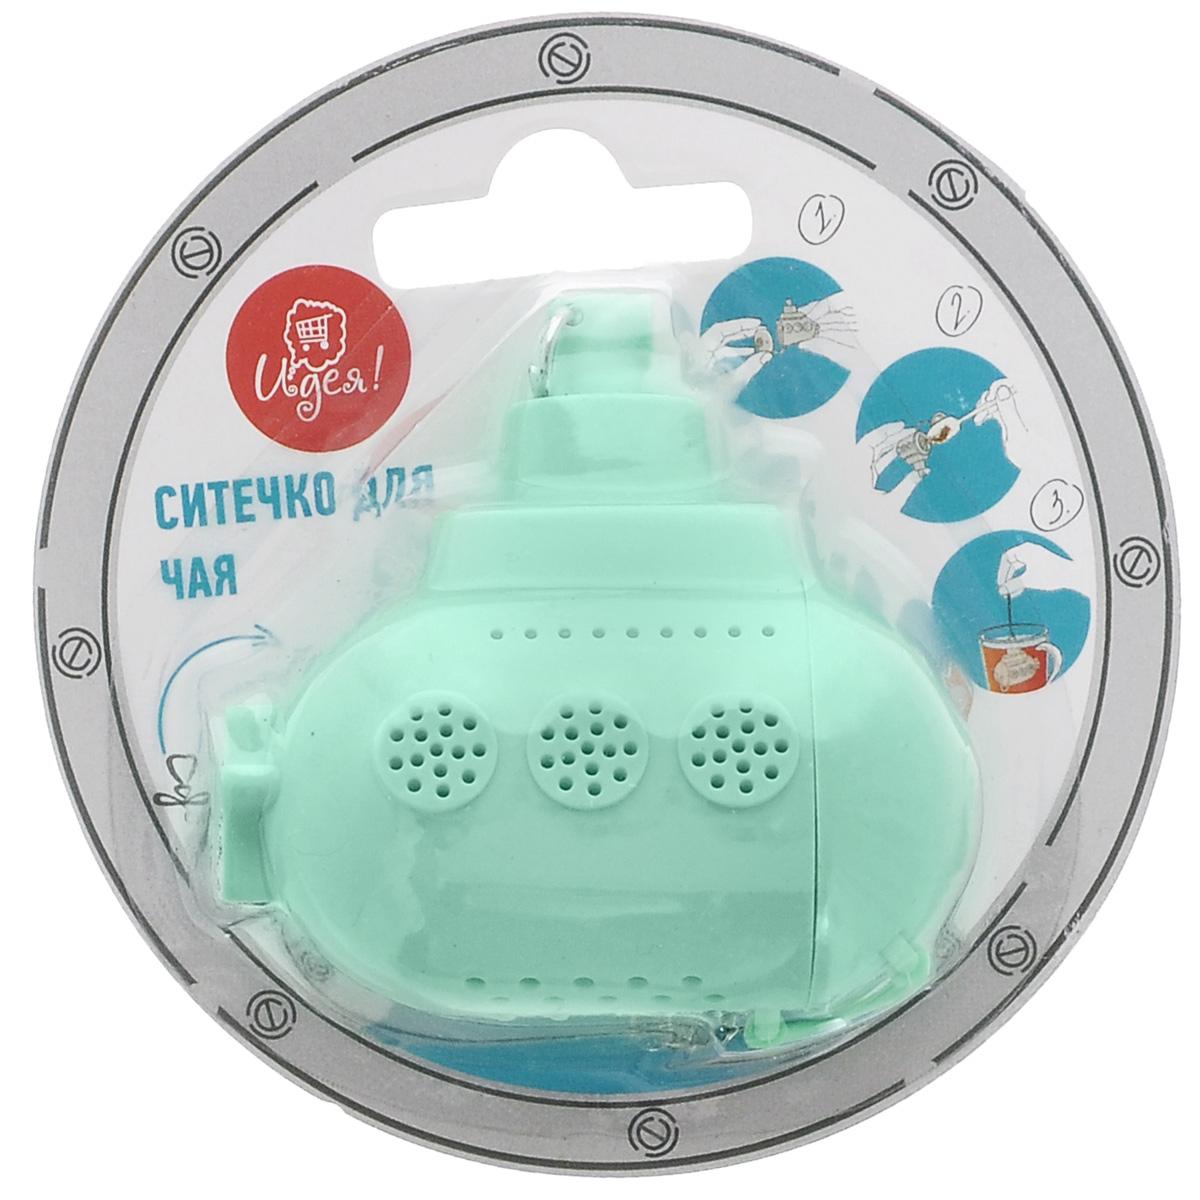 """Ситечко Идея """"Субмарина"""" прекрасно подходит для заваривания любого вида чая. Изделие выполнено из пищевого силикона в виде подводной лодки. Ситечком очень легко пользоваться. Просто насыпьте заварку внутрь и погрузите субмарину на дно кружки. Изделие снабжено металлической цепочкой с крючком на конце.  Забавная и приятная вещица для вашего домашнего чаепития.   Не рекомендуется мыть в посудомоечной машине.  Размер фигурки: 6 см х 5,5 см х 3 см."""